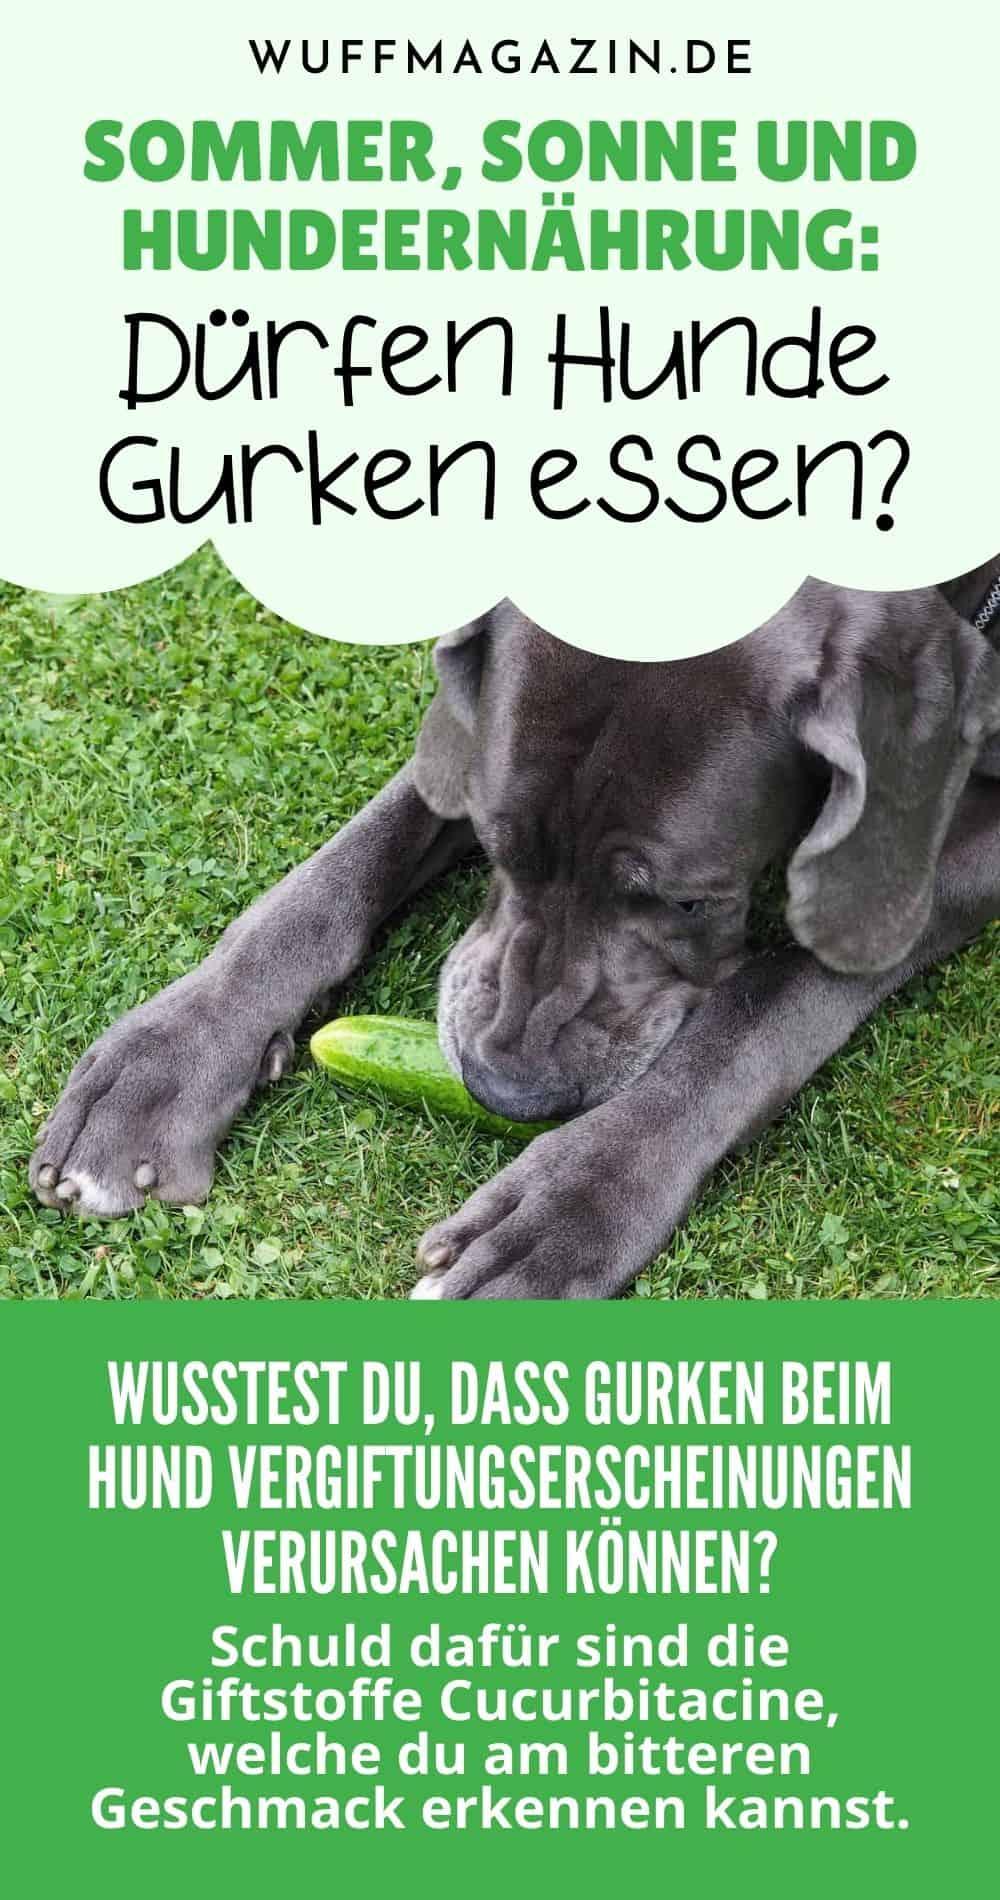 Sommer, Sonne und Hundeernährung Dürfen Hunde Gurken essen